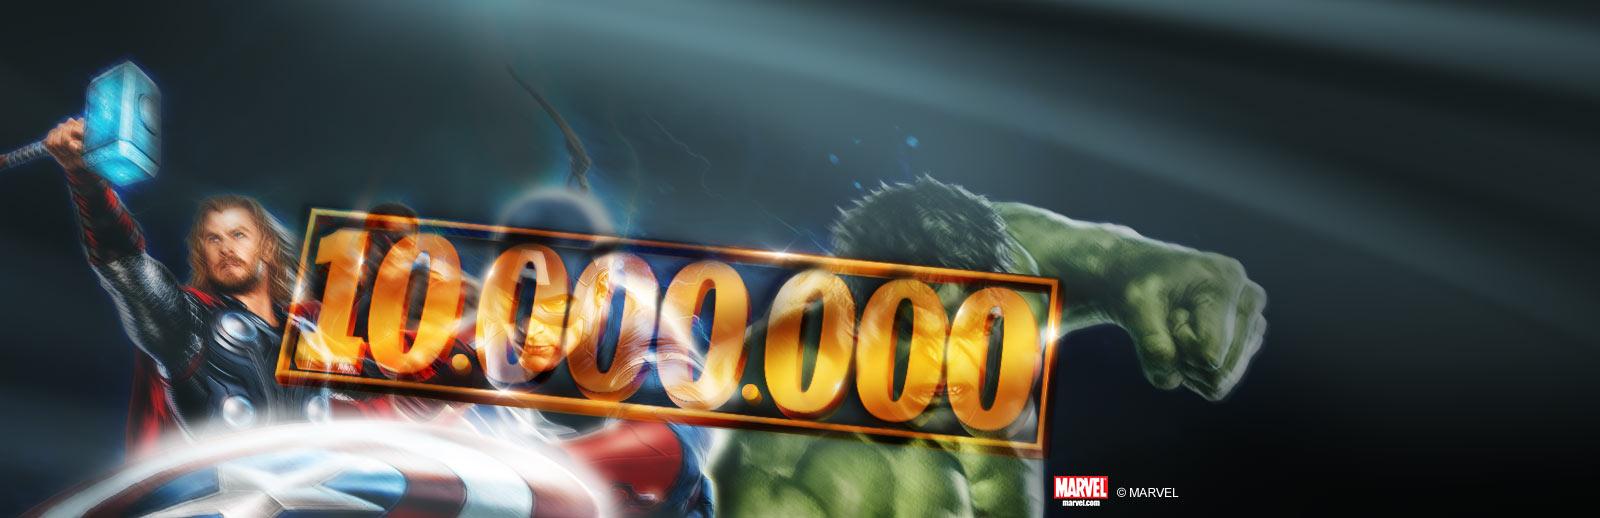 MARVEL 10 MILLION SPINS